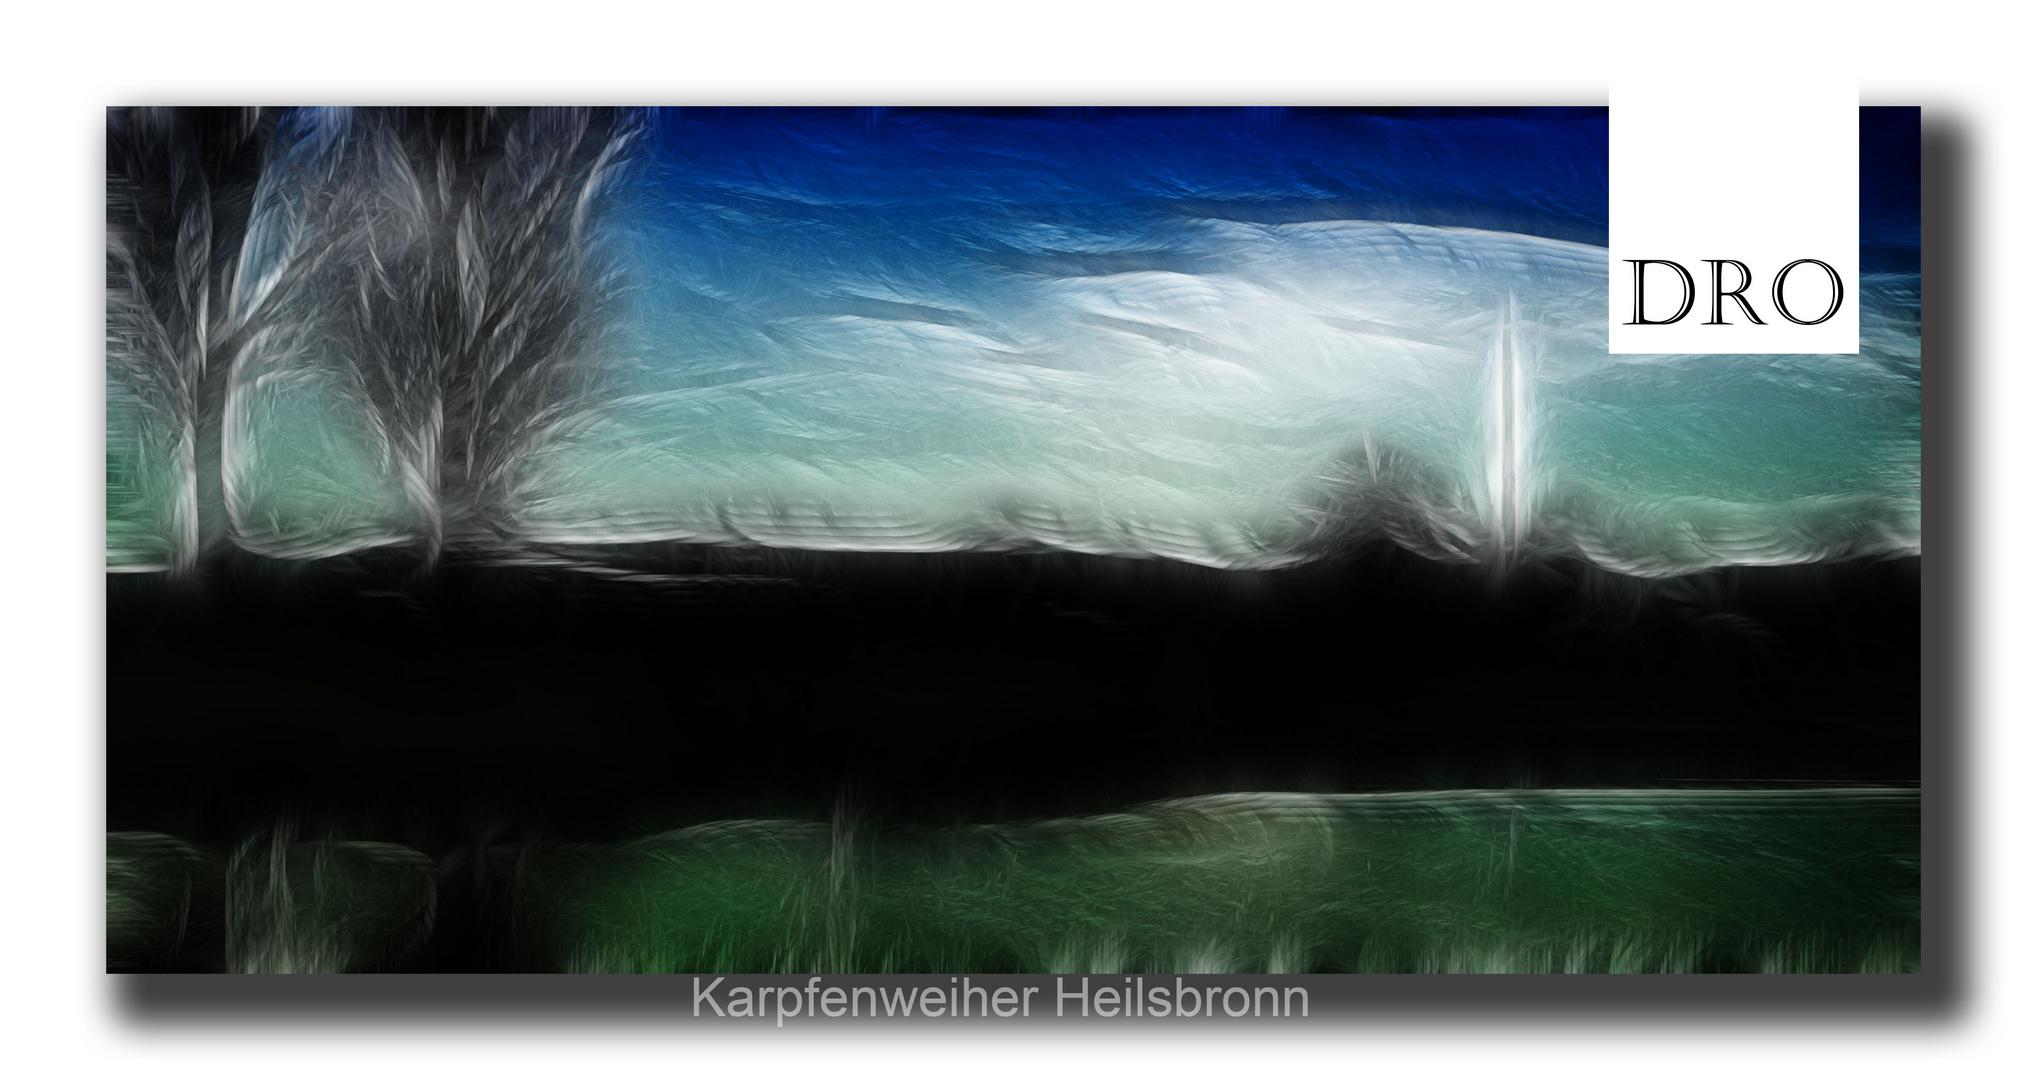 Karpfenweiher Heilsbronn